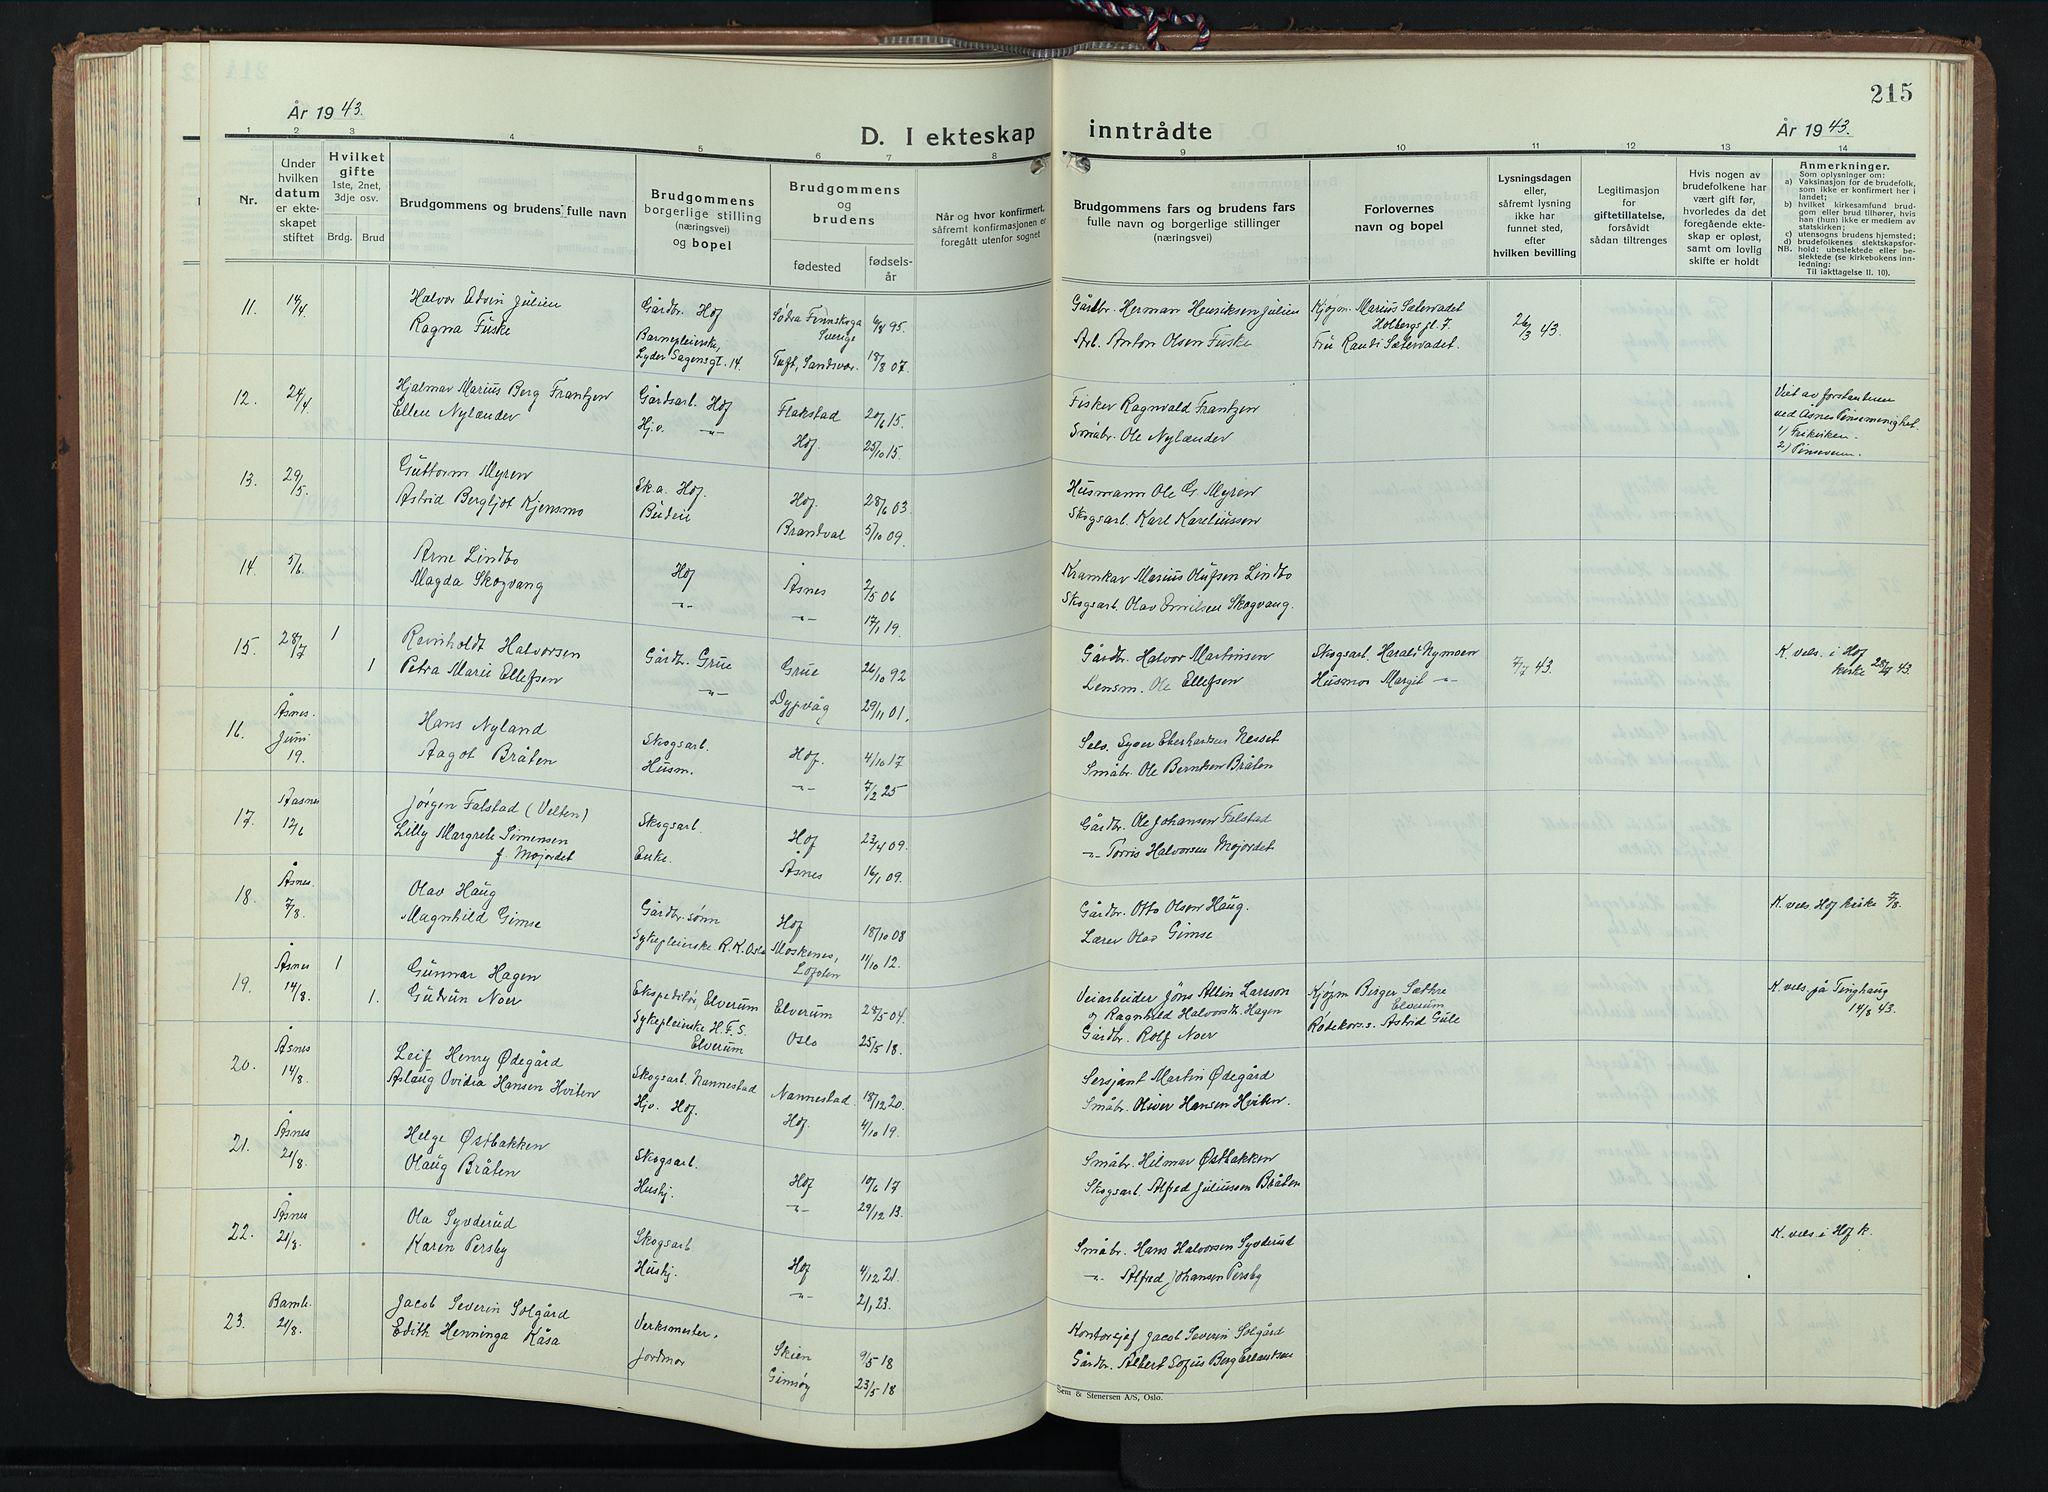 SAH, Hof prestekontor, Klokkerbok nr. 3, 1933-1947, s. 215